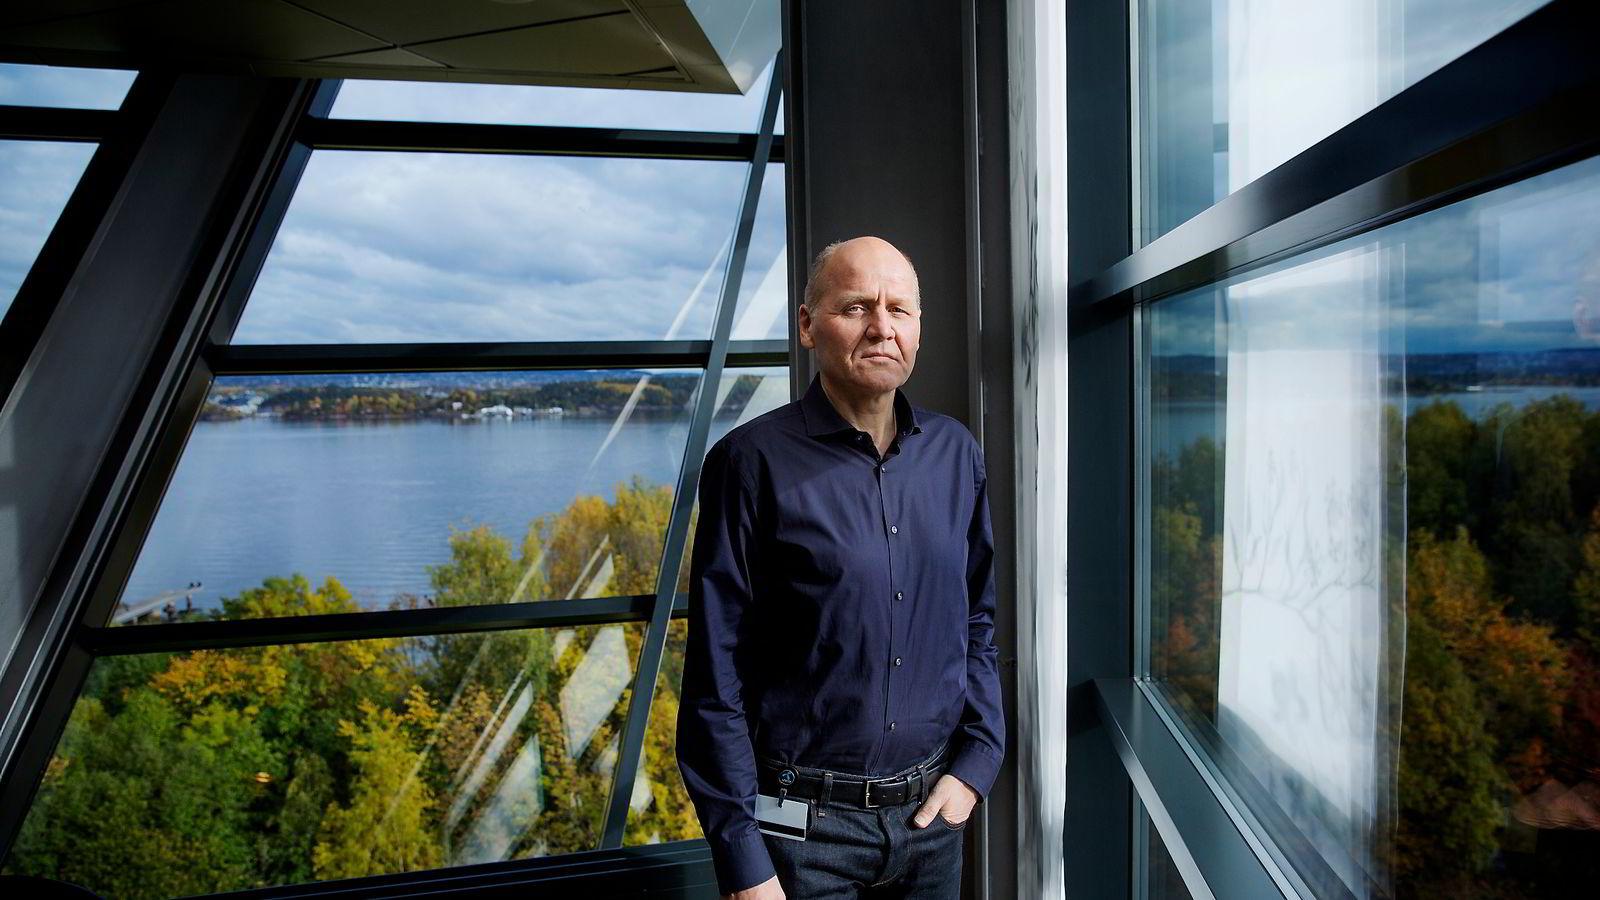 Konsernsjef i Telenor, Sigve Brekke. Foto: Fredrik Bjerknes